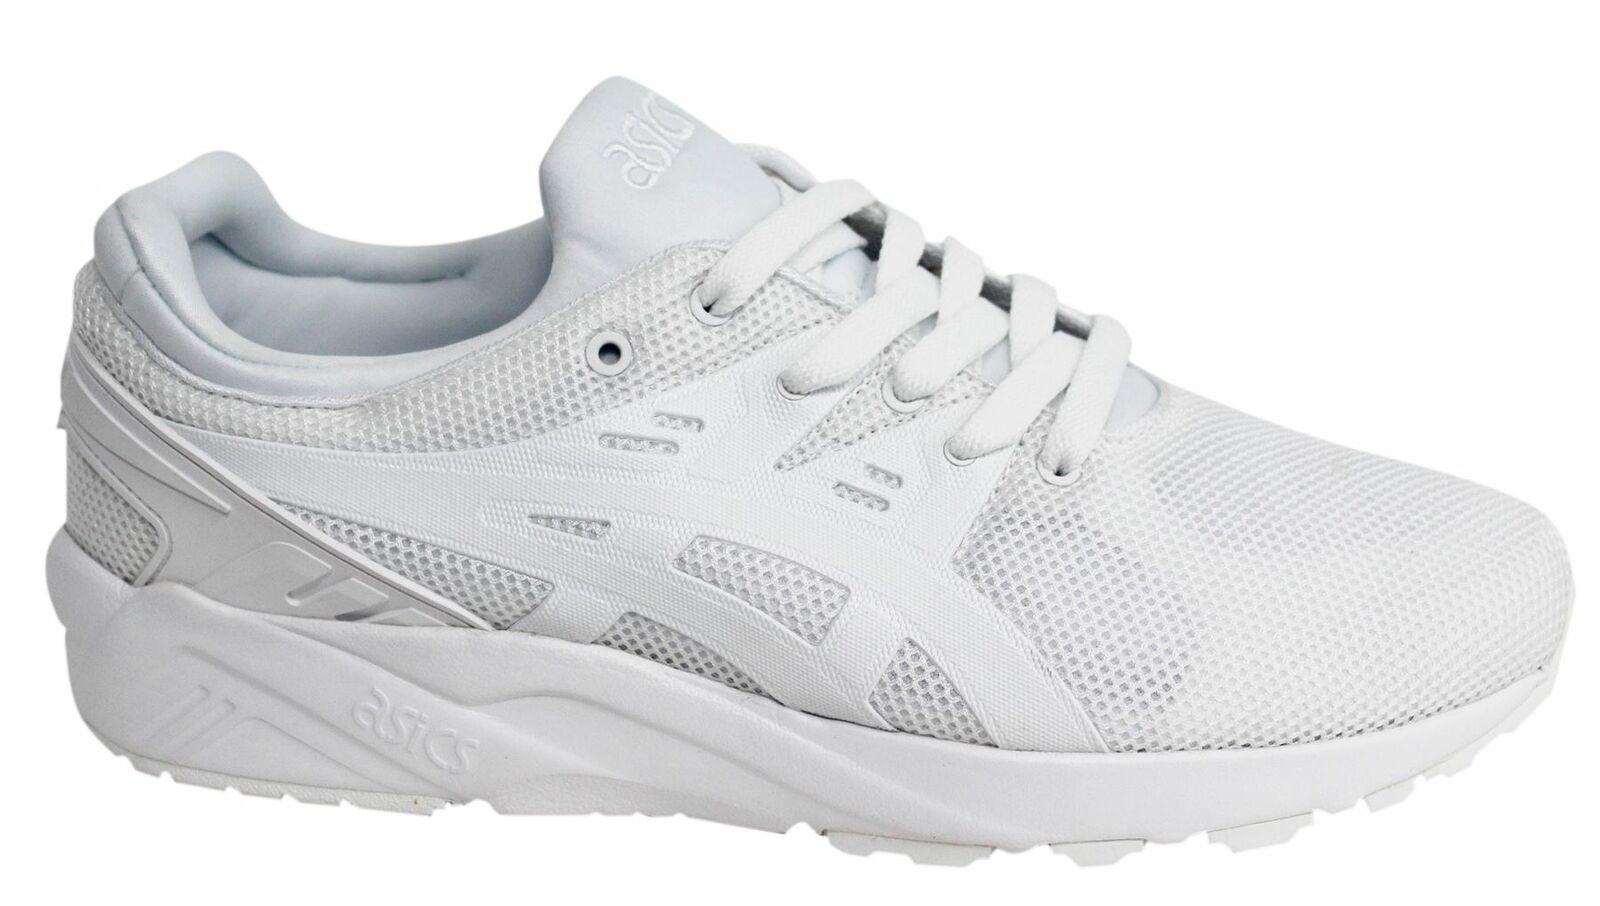 Asics Gel-Kayano Evo Weiß Textil Schnürer Laufen Herren Turnschuhe HN6A0 0101